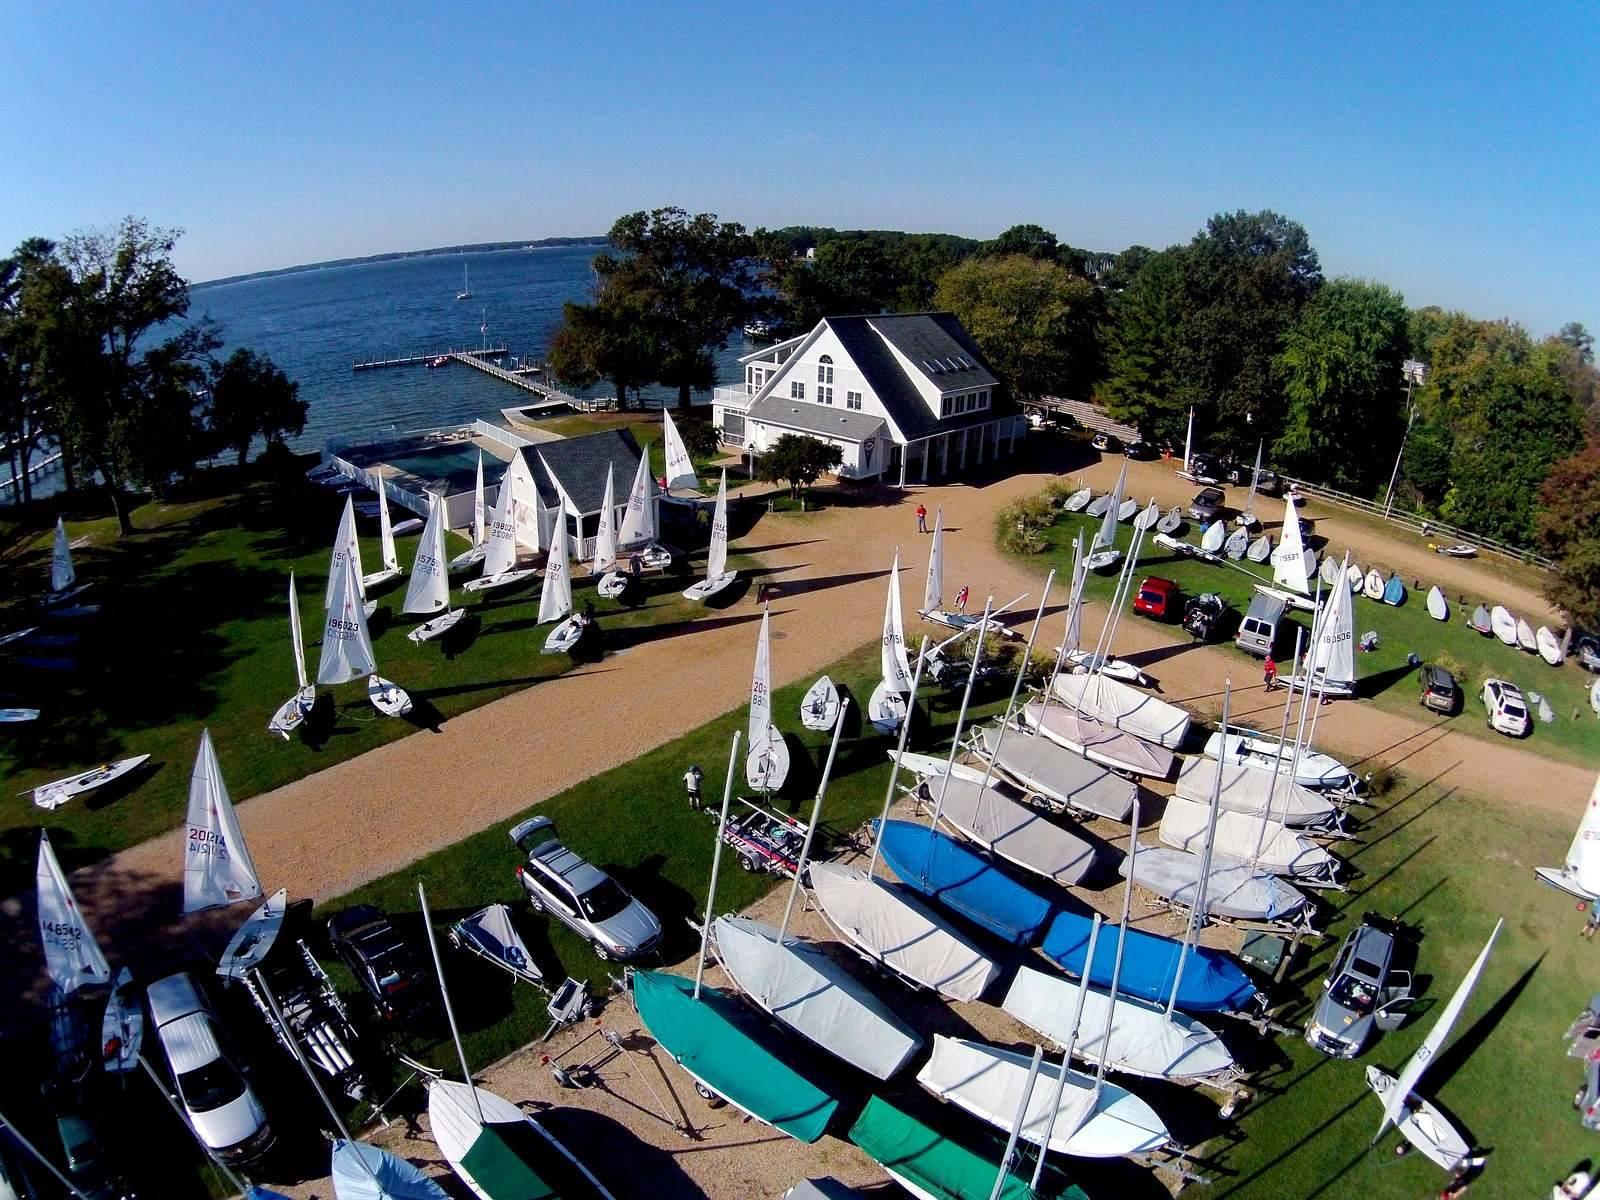 FIshing Bay Yacht Club in Deltaville, VA.